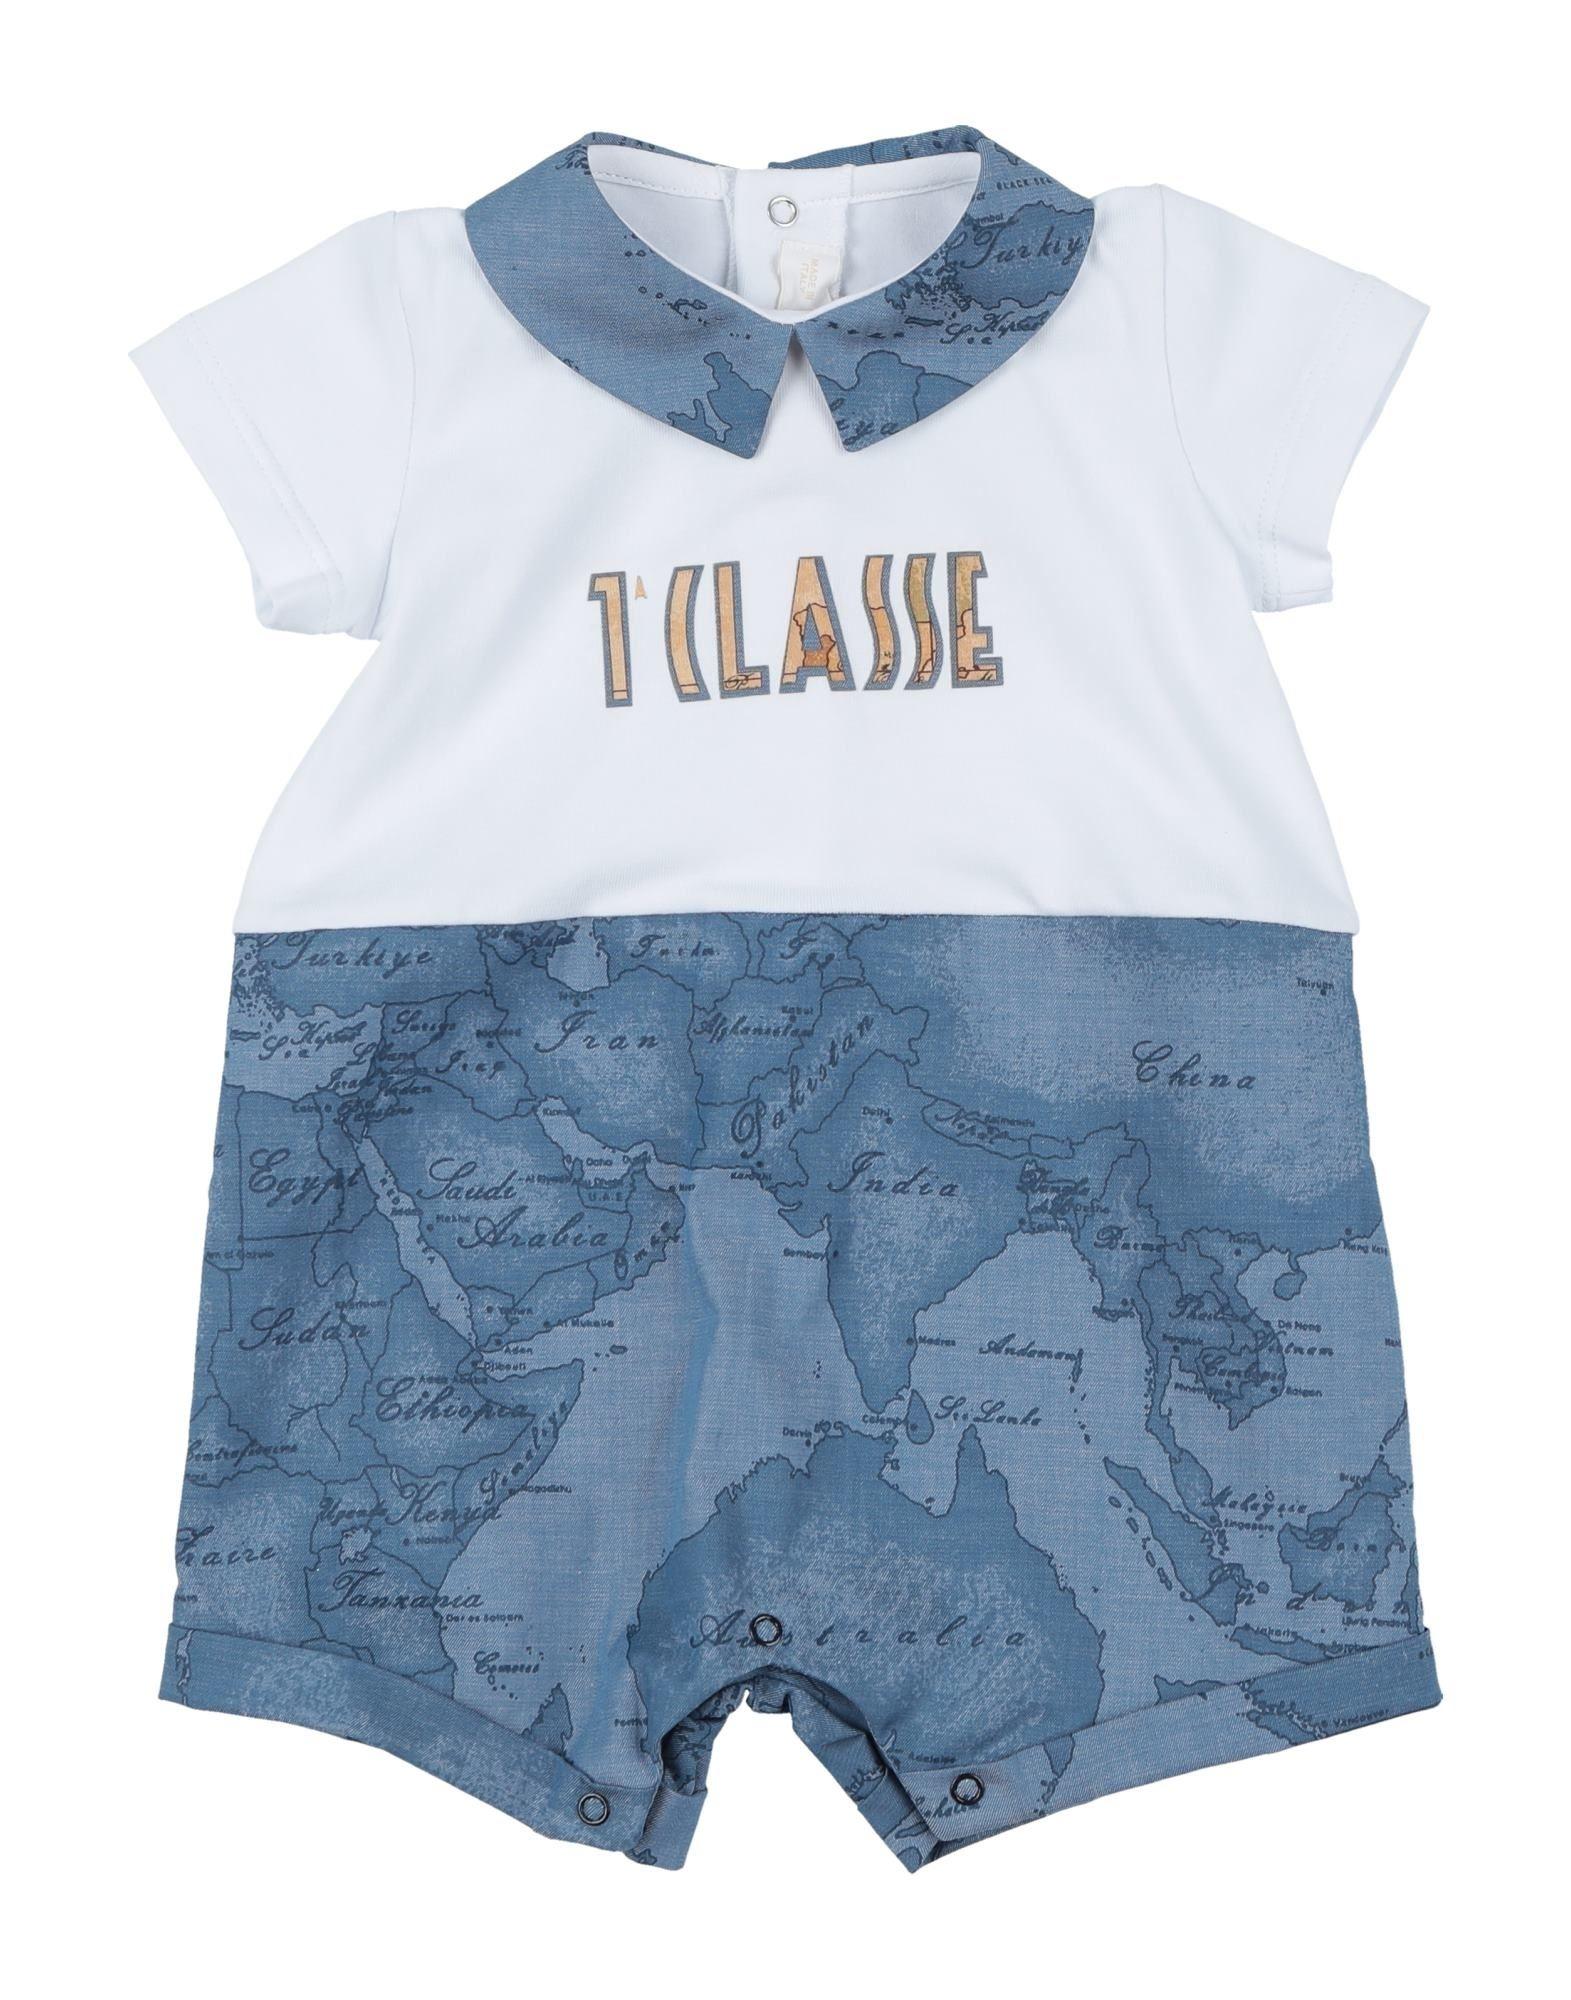 《セール開催中》ALVIERO MARTINI 1a CLASSE ボーイズ 0-24 ヶ月 乳幼児用ロンパース ブルーグレー 1 コットン 95% / ポリウレタン 5%